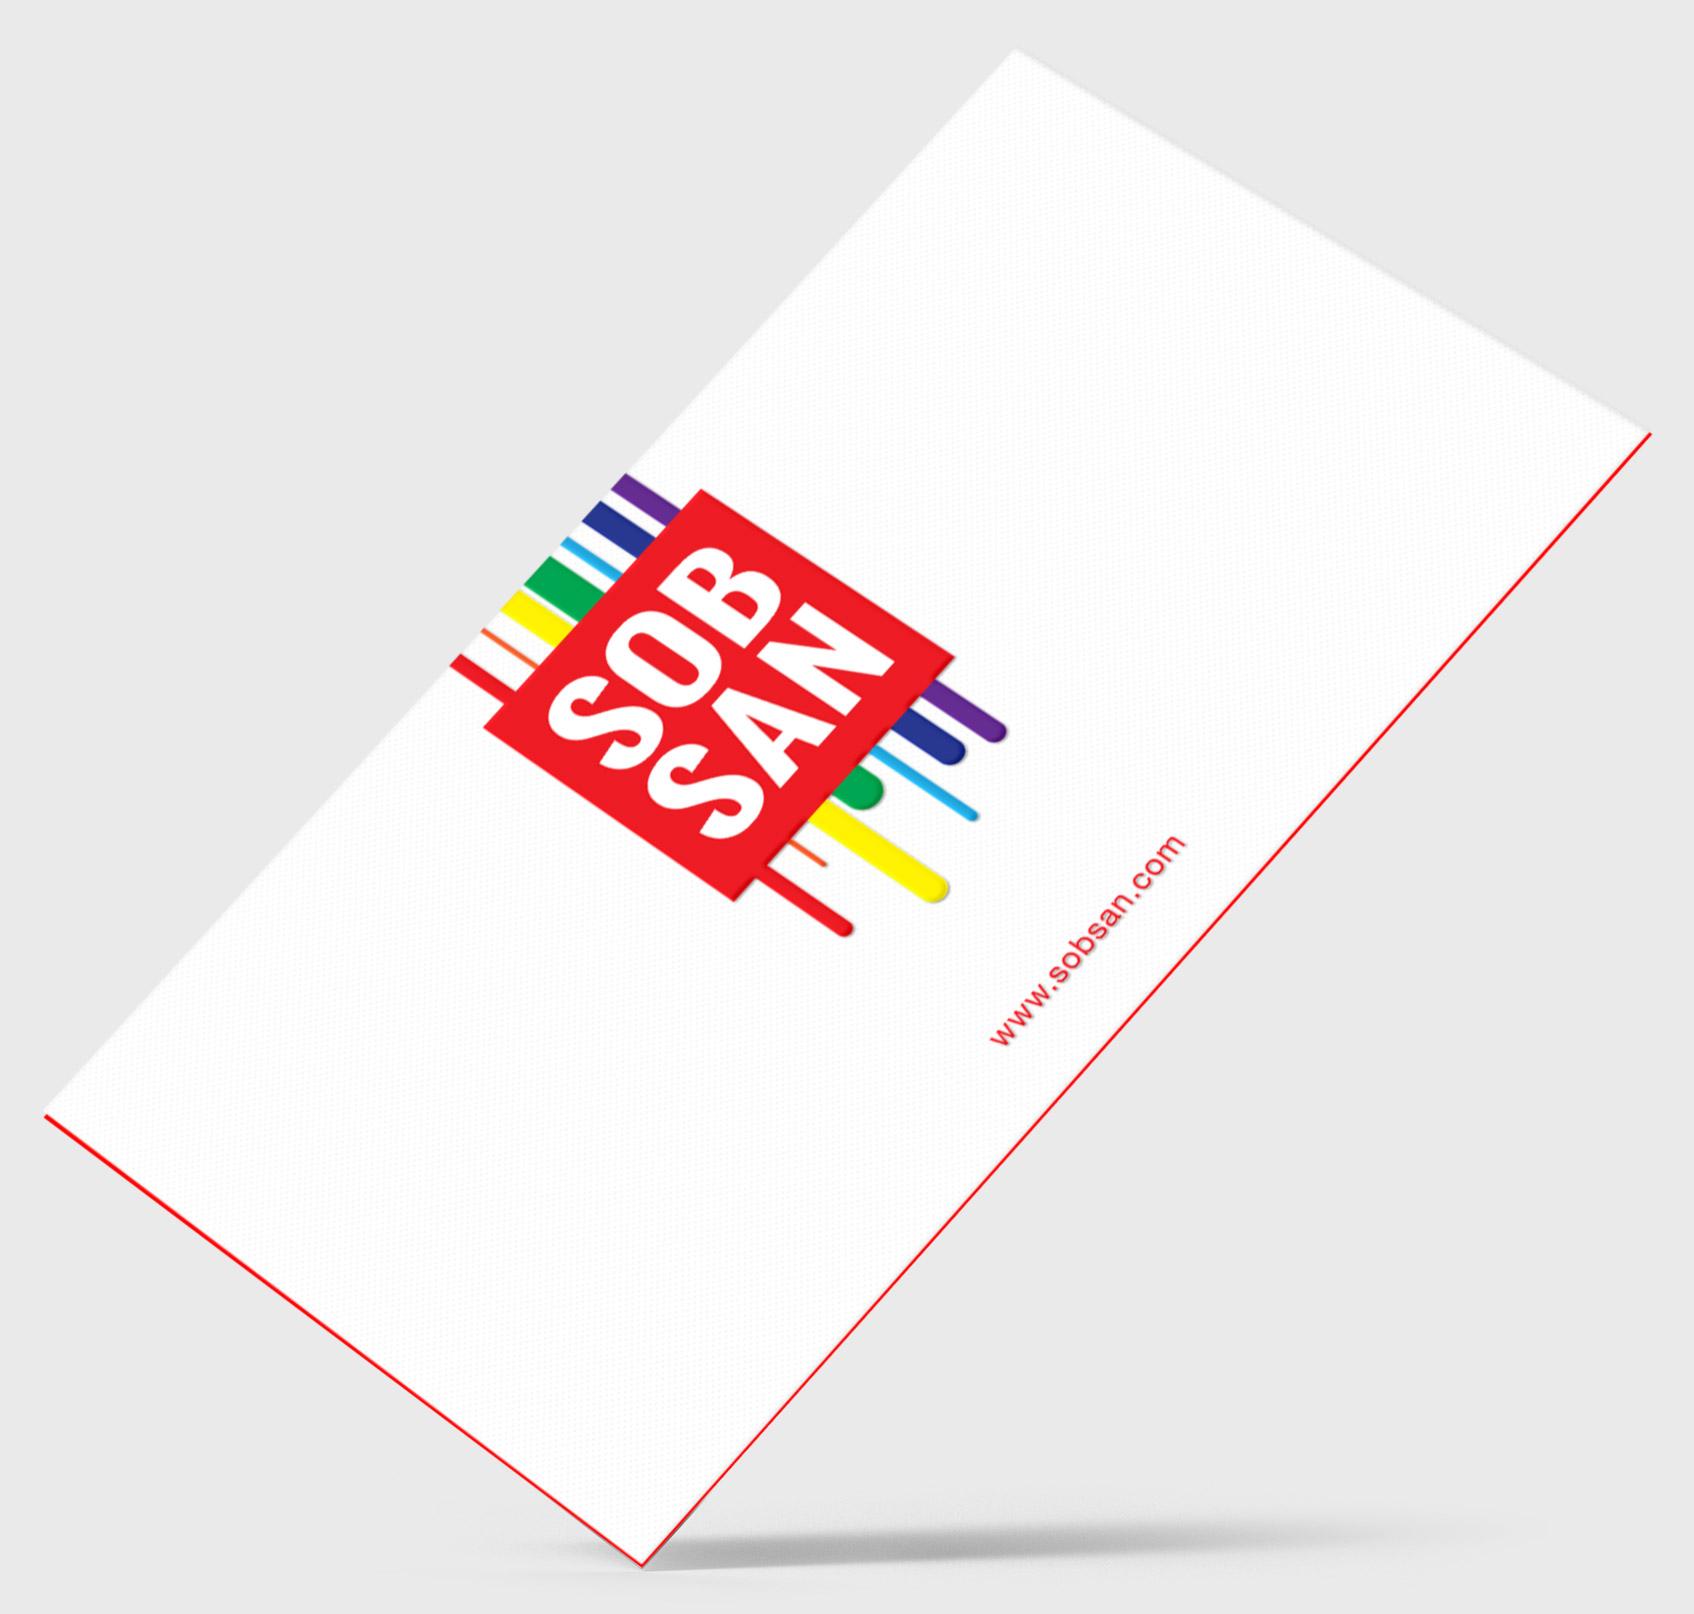 Branding agency creative raklam ajans tasar m ajans for Service design agency london